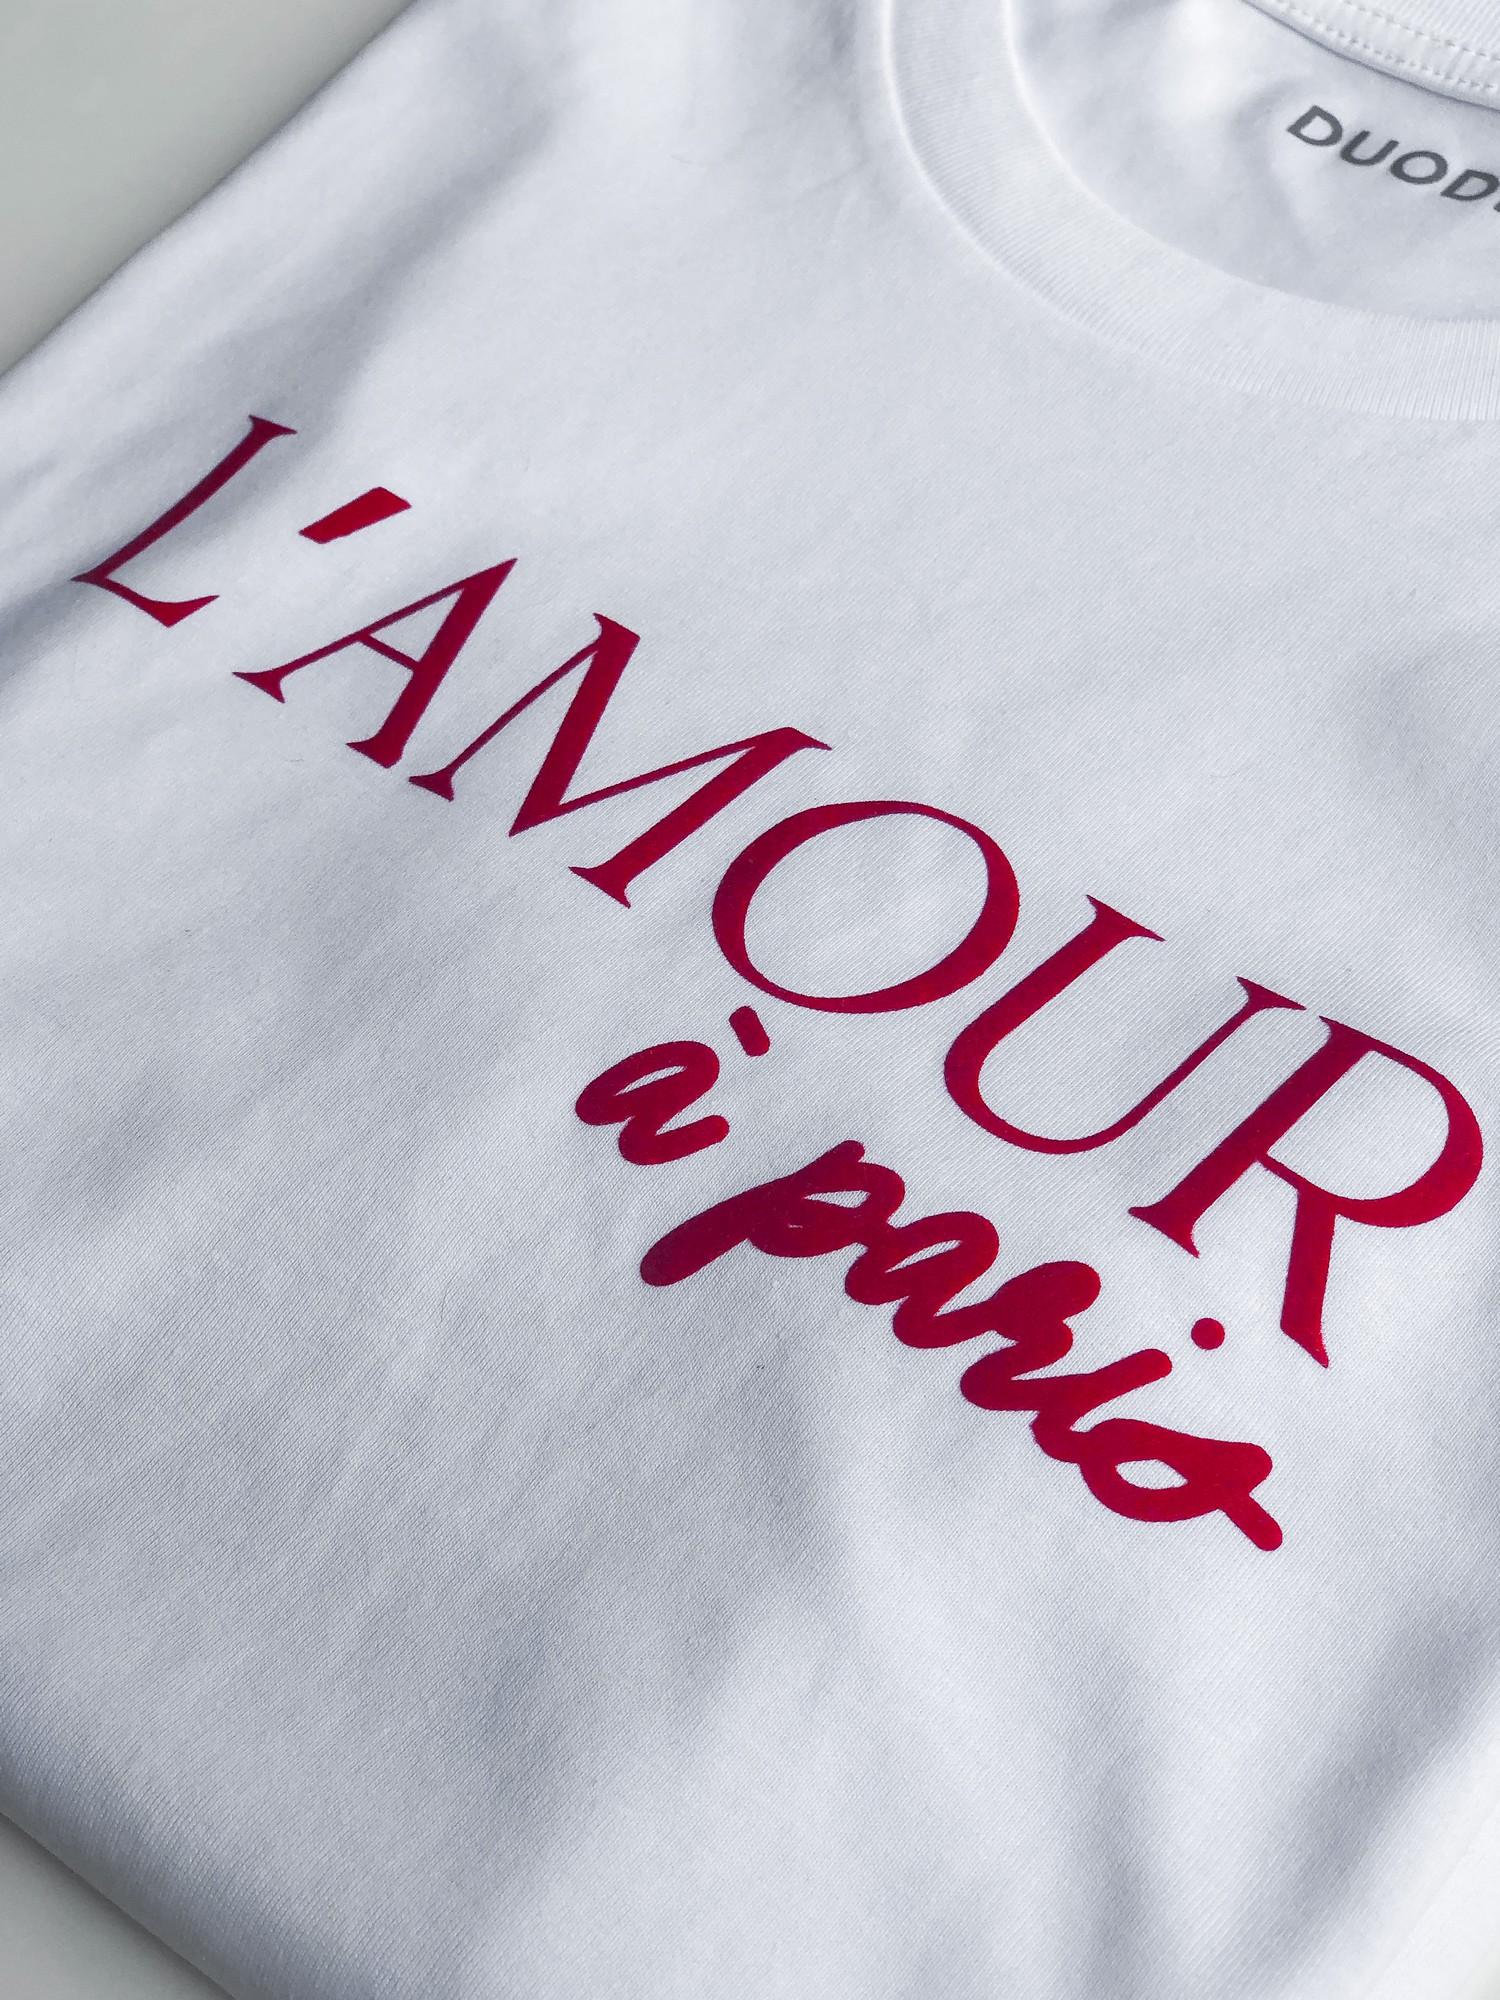 Prêt a porter T-shirt L'amour à Paris Duodem E-shop Elise Martimort